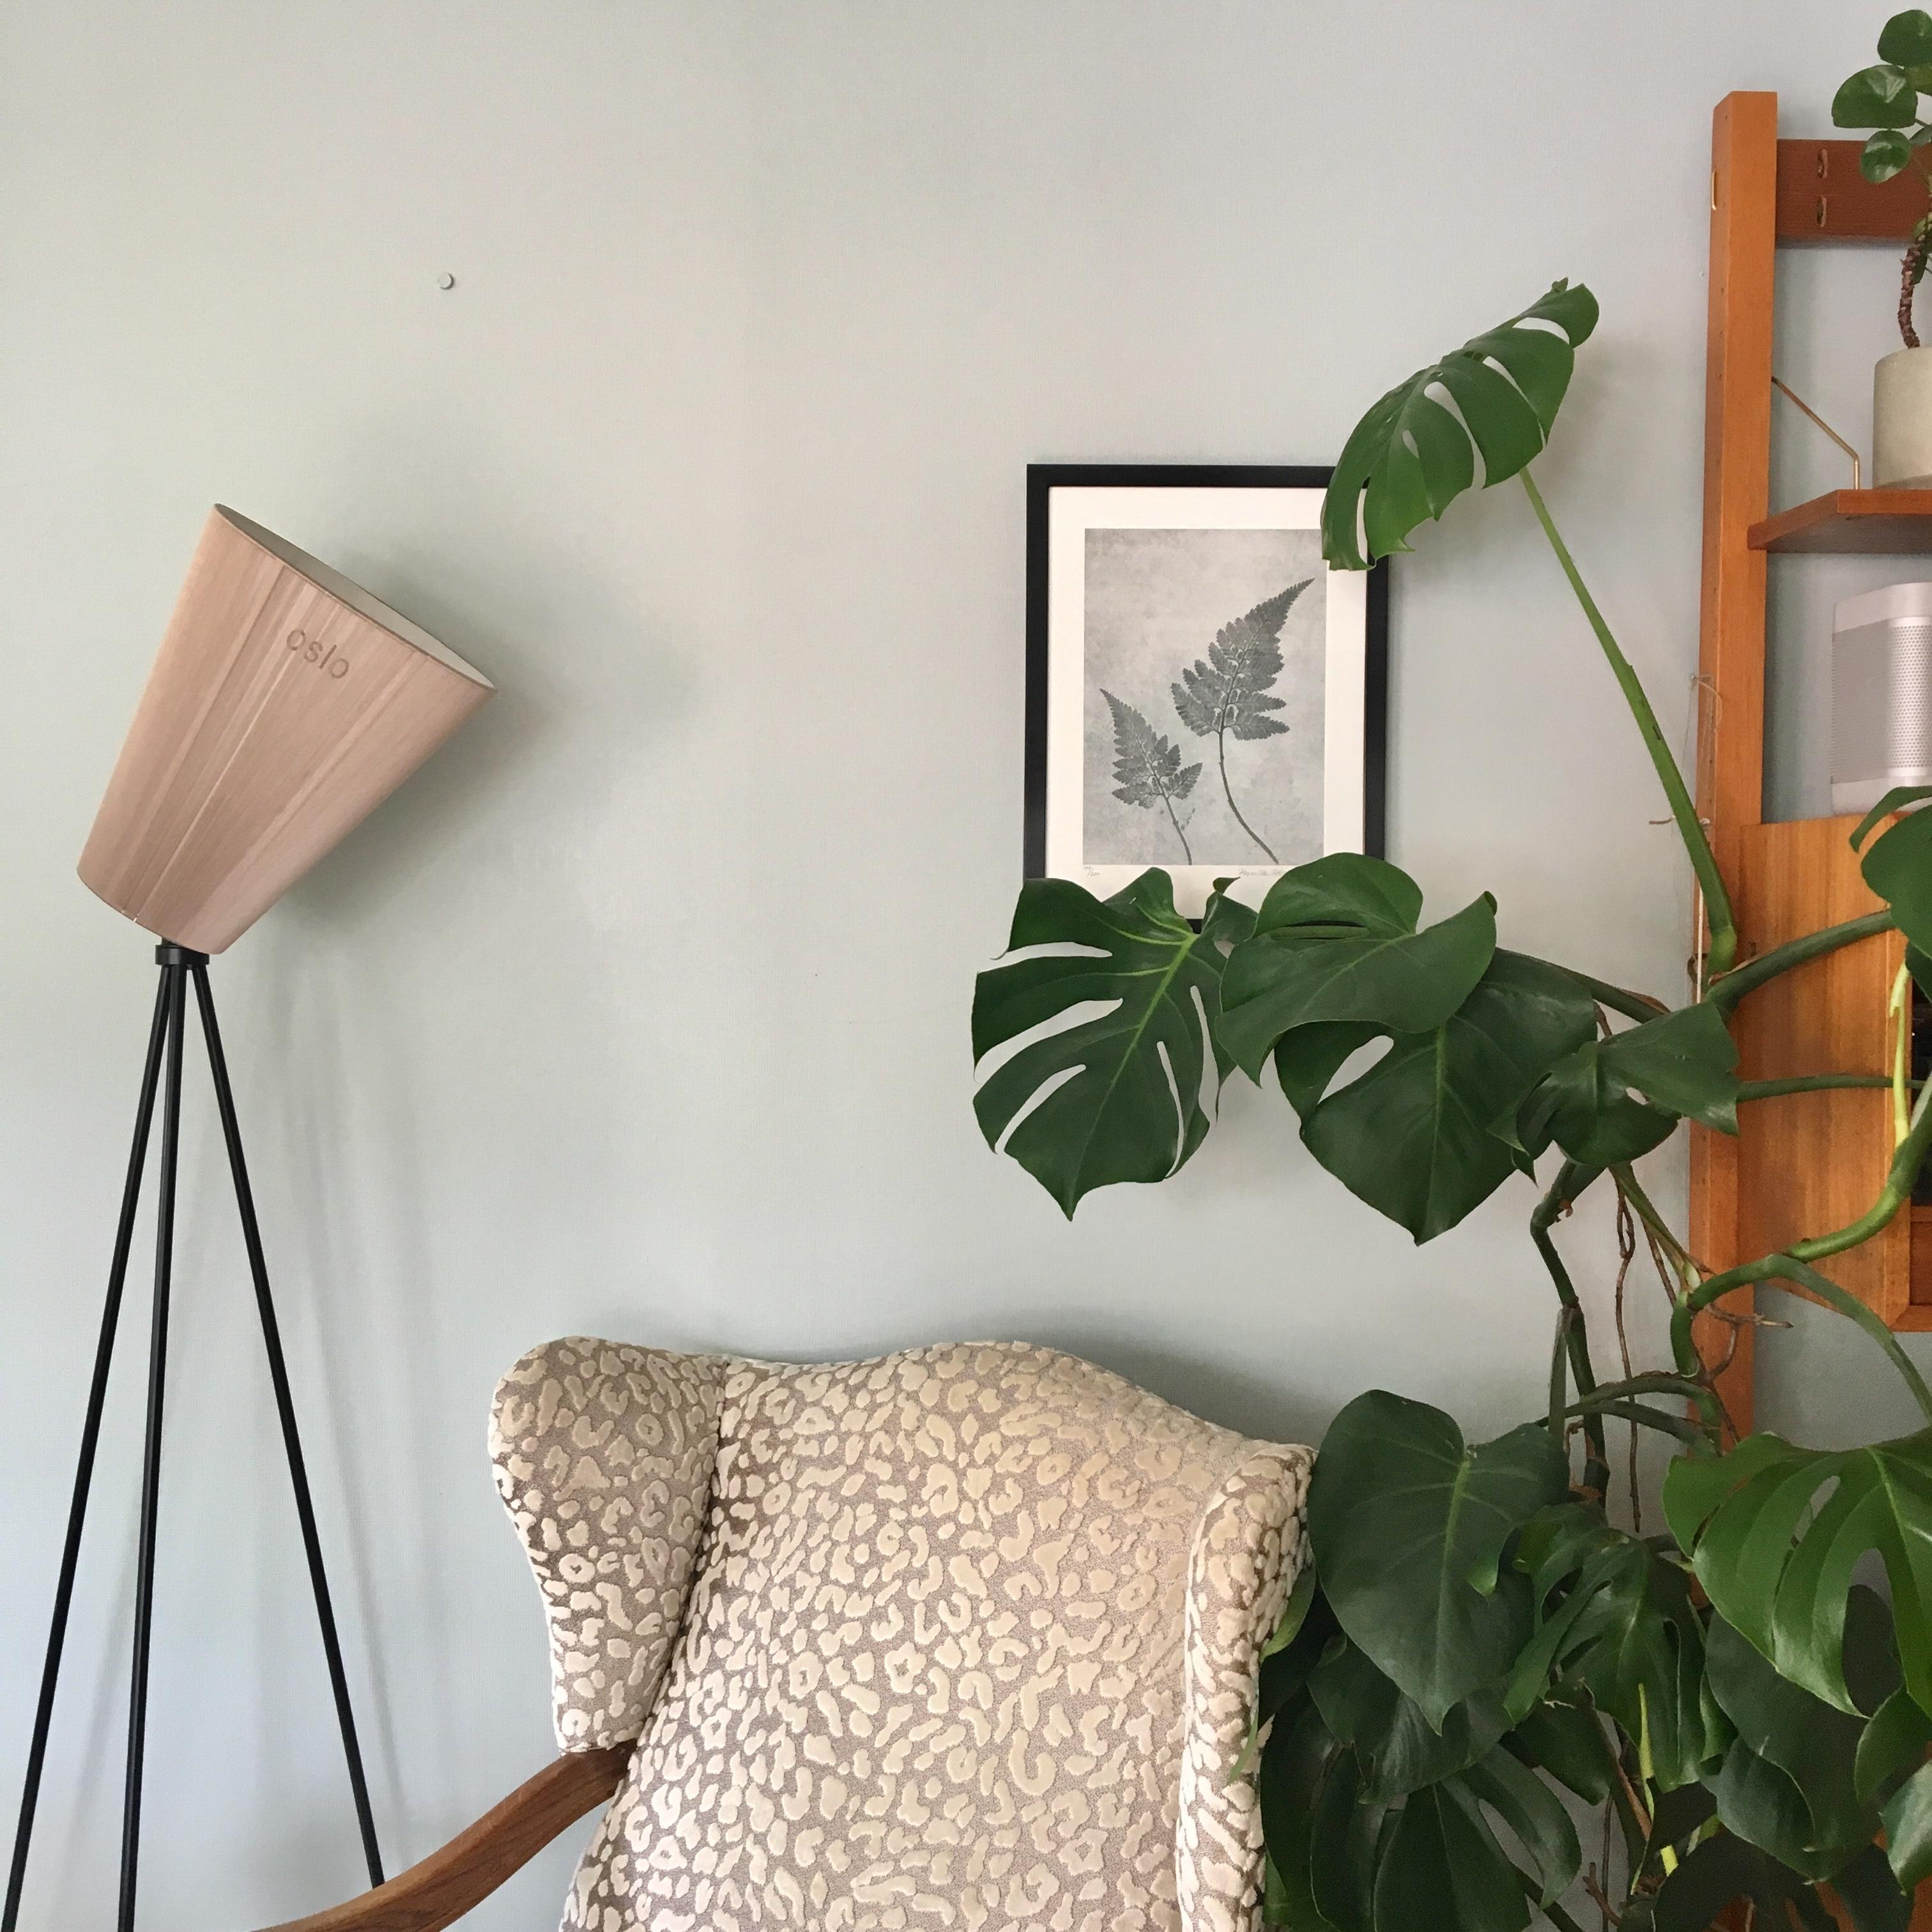 interiør signe, interiørstyling bergen, interiørkonsulent bergen,lys påvirker fargene, redesign, nordsjø farge,Nordsjø maling, resignert signe, monstera, urban jungle, plants, grønne planter, innred med planter, pernille folcarelli, farge på veggen, minty breeze, boligkrise grønt, mal med farge,  asolo sofa bohus, bohus, bohus sofa, retro sofa, vintage møbler, vintage teak møbler, vintage seksjon, innred med hjertet, finn roen i interiøret, innred med planter, innredningshjelp bergen, vindusdekorasjon bergen, innred med rammer, valg av maling, fresh opp med maling